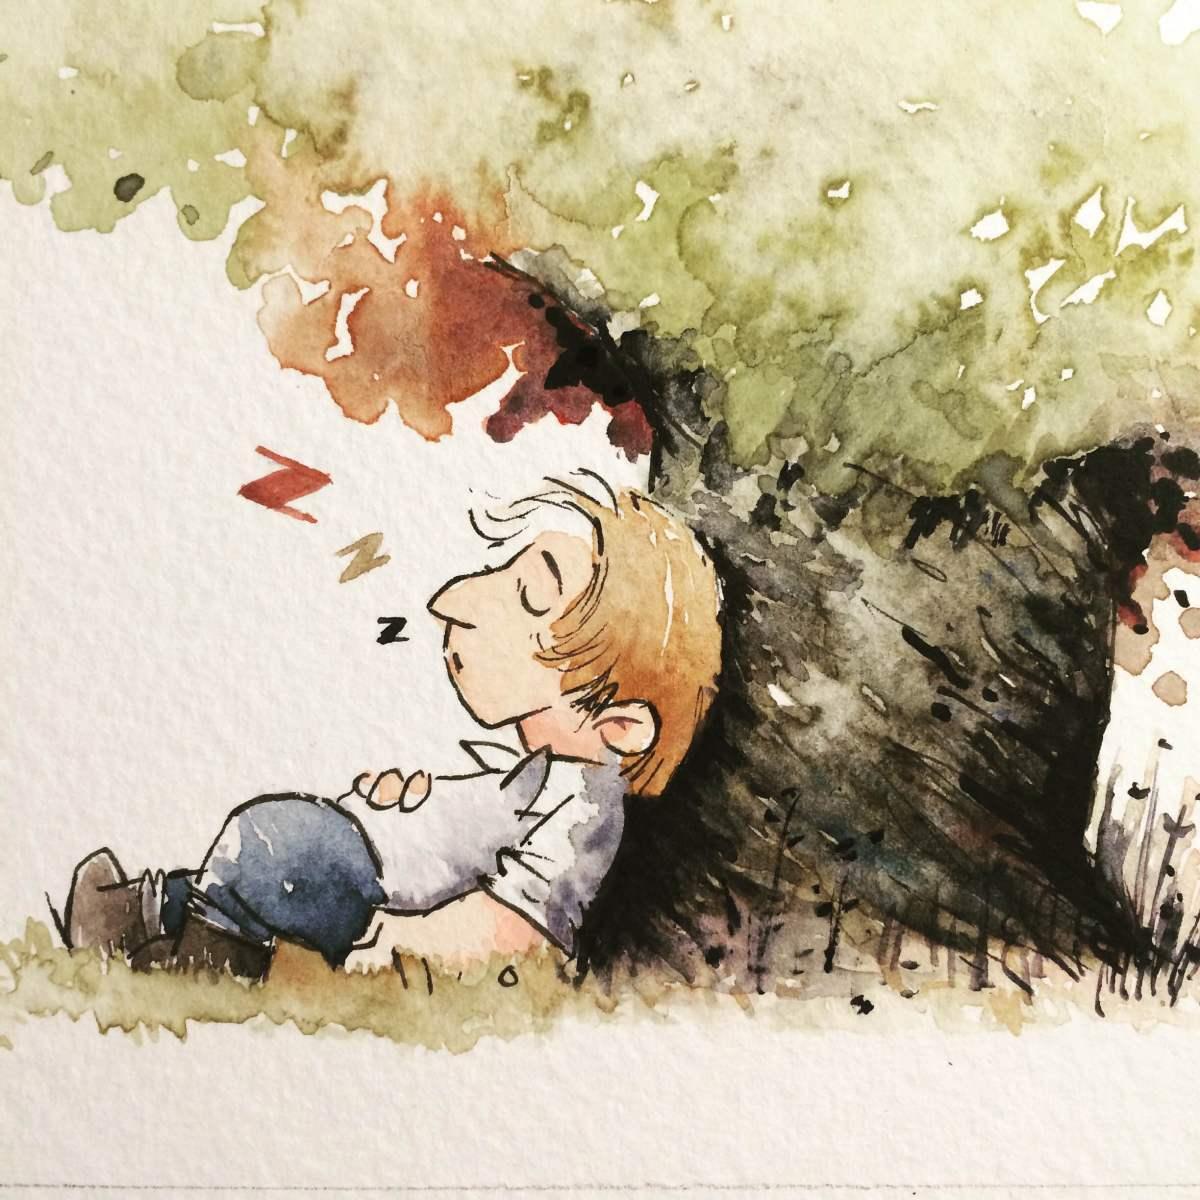 Doodlewash by Luke Scriven